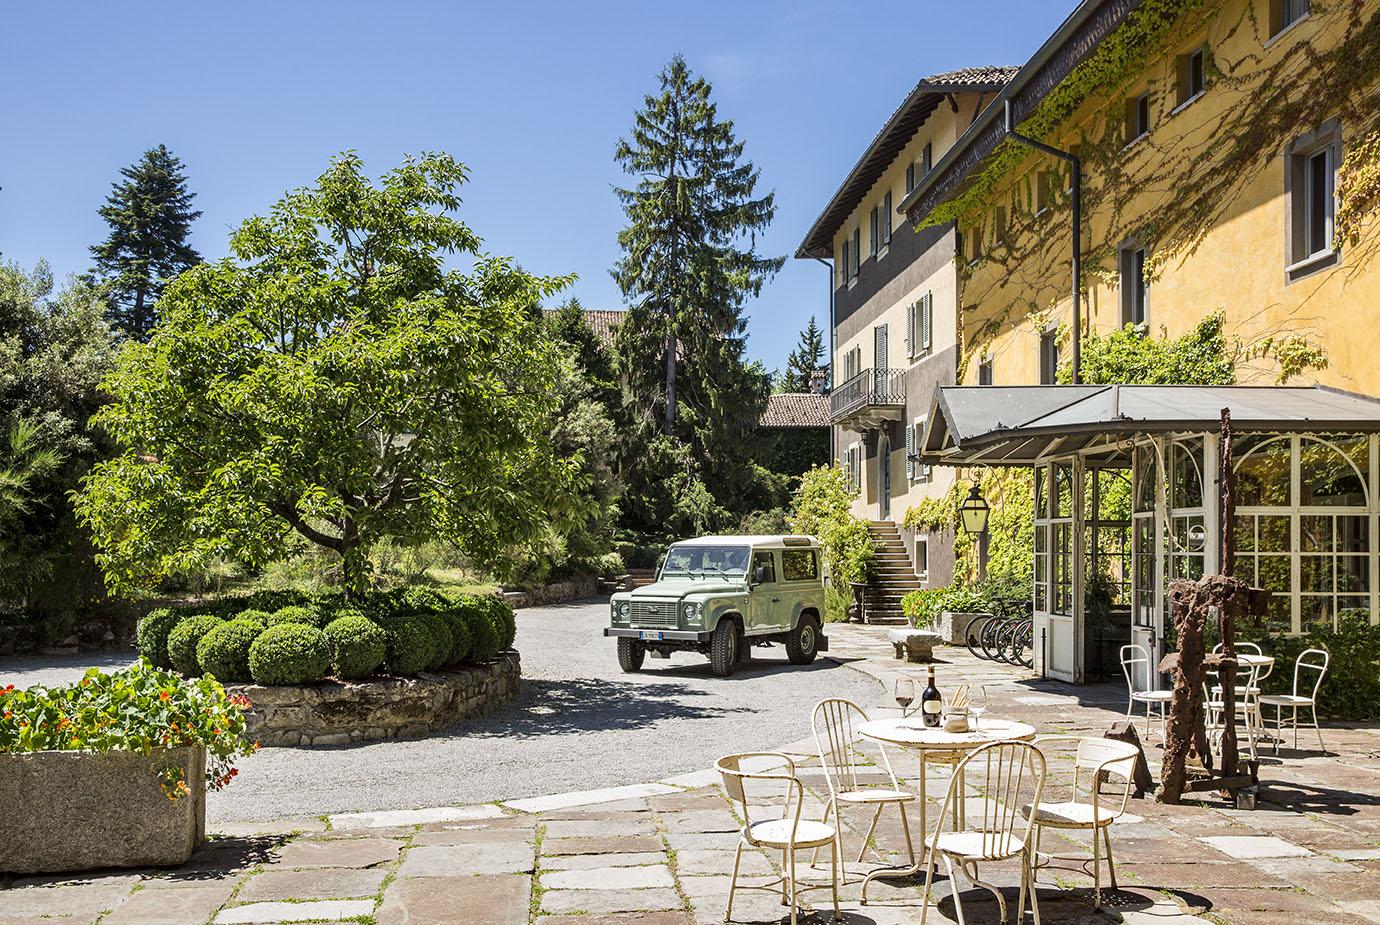 Circondato dalle morbide colline di Gavi, Villa Sparina Resort comprende oggi l'azienda agricola Villa Sparina, I'Ostelliere, albergo 4 stelle superiore di fascino e charme e La Gallina, raffinato ristorante dedicato alla cucina del territorio.